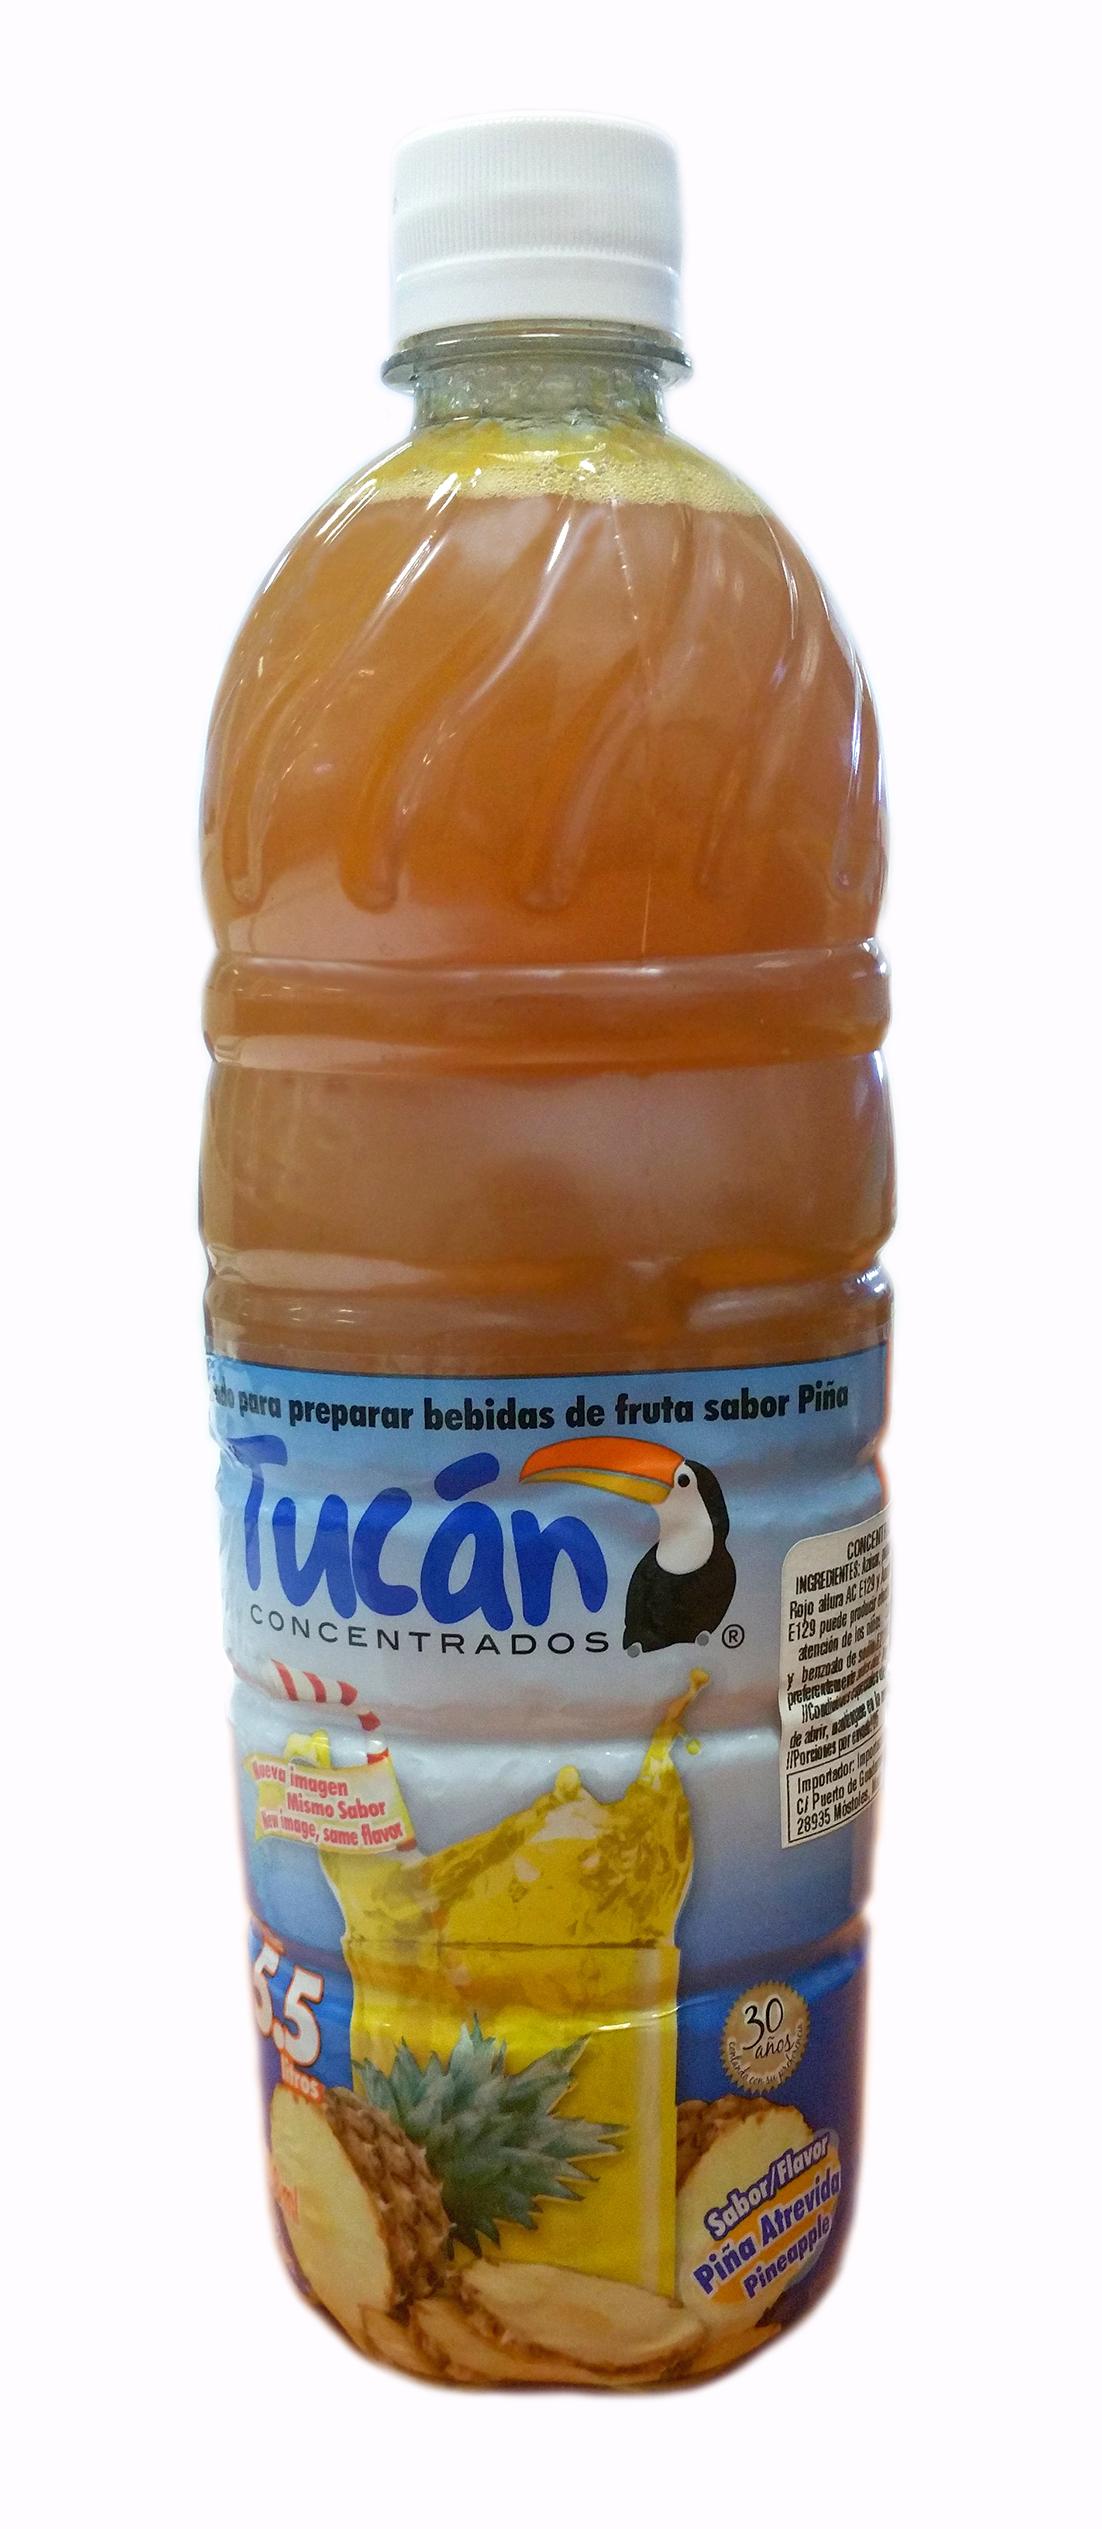 Concentrado de agua de piña Tucan 750ml Botella Plástico